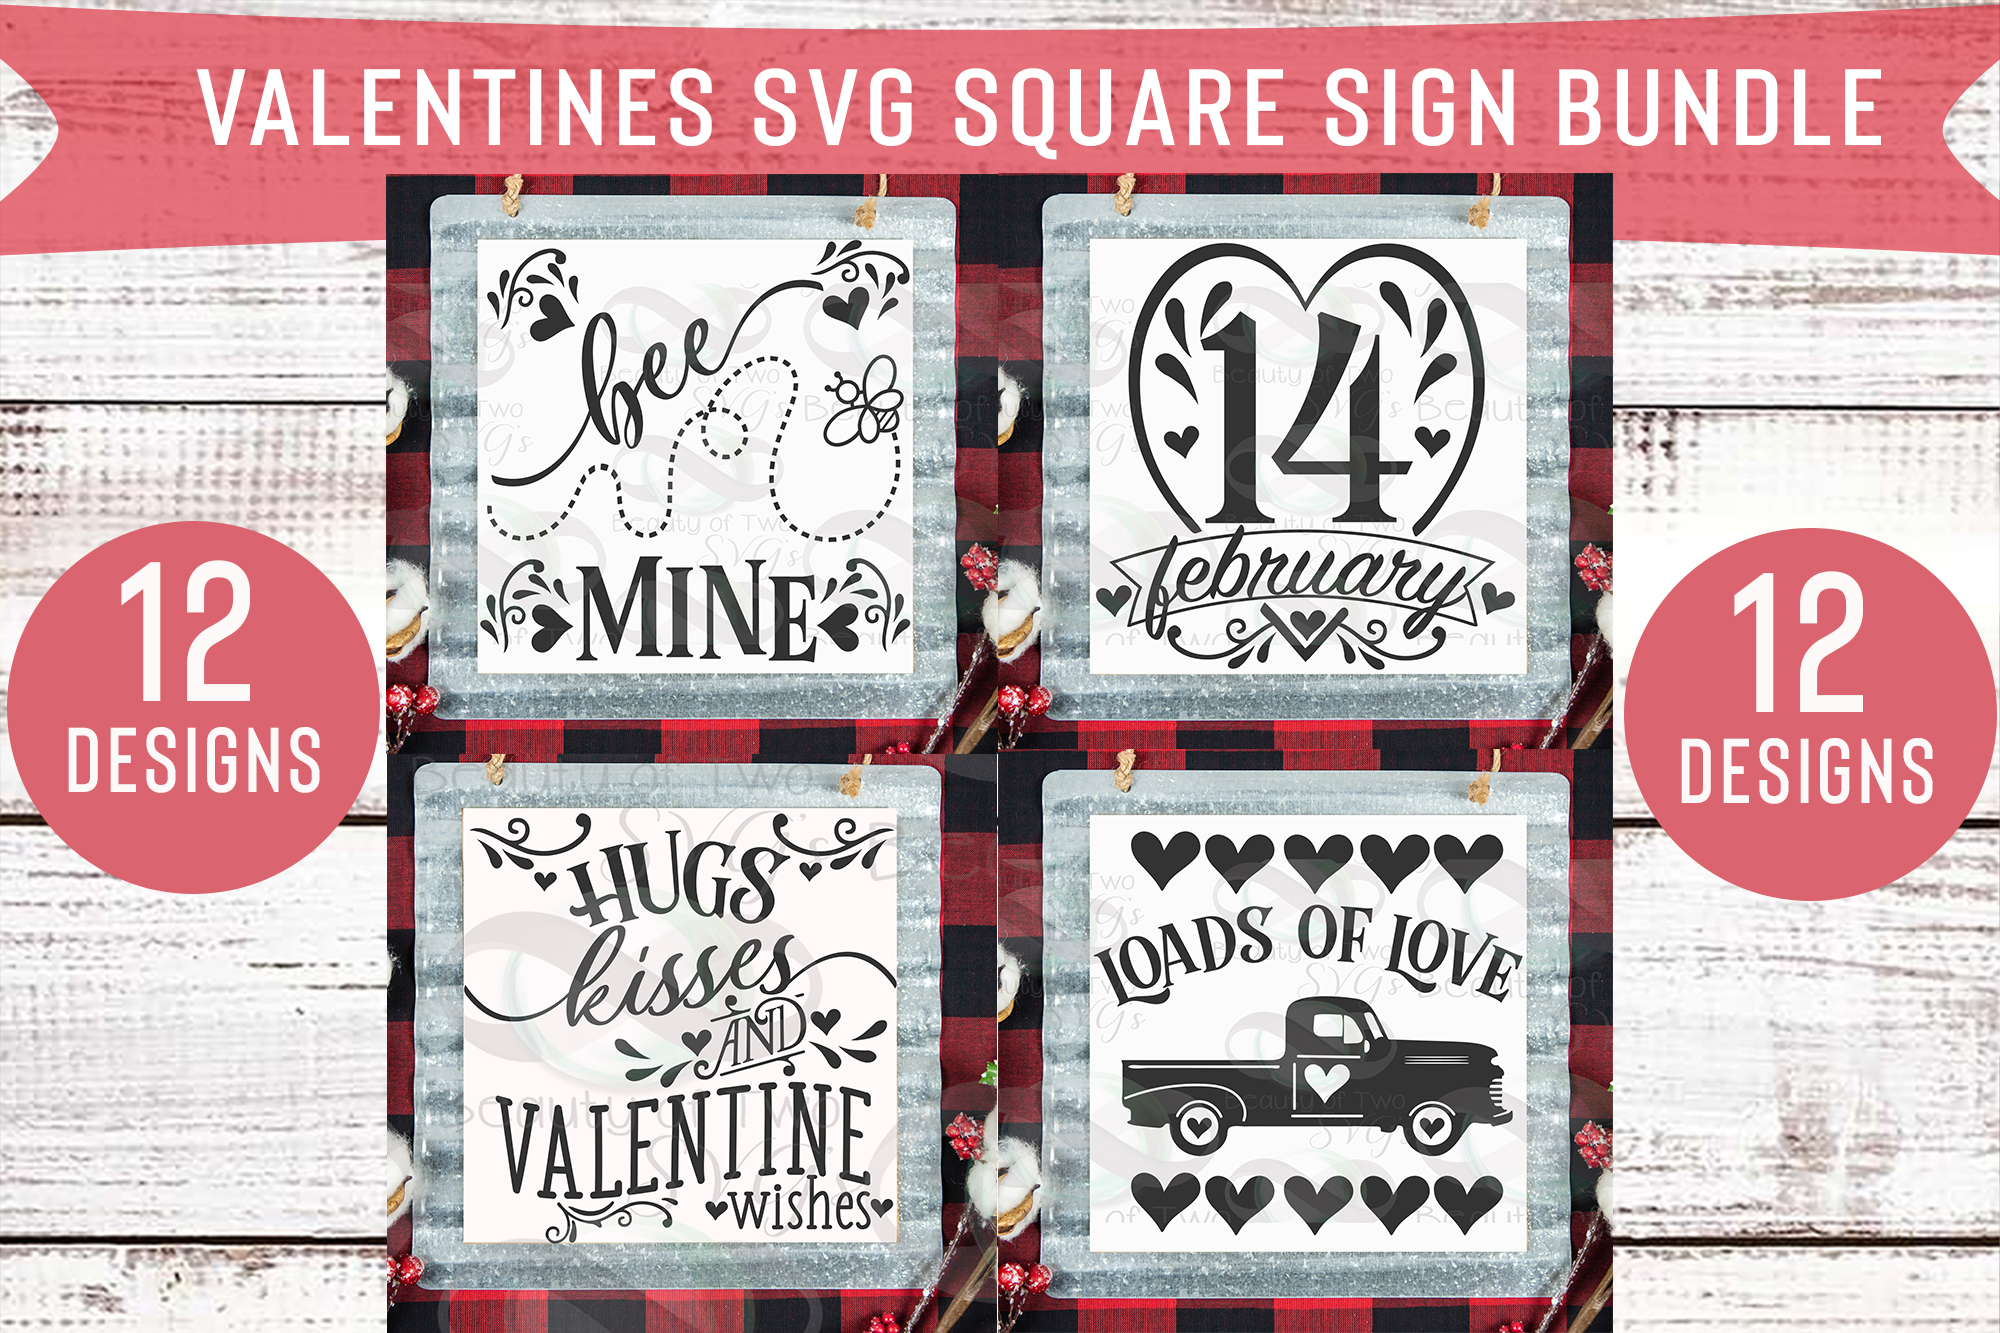 Valentines Square Svg Sign Bundle, 12 svg Valentines Designs example image 2